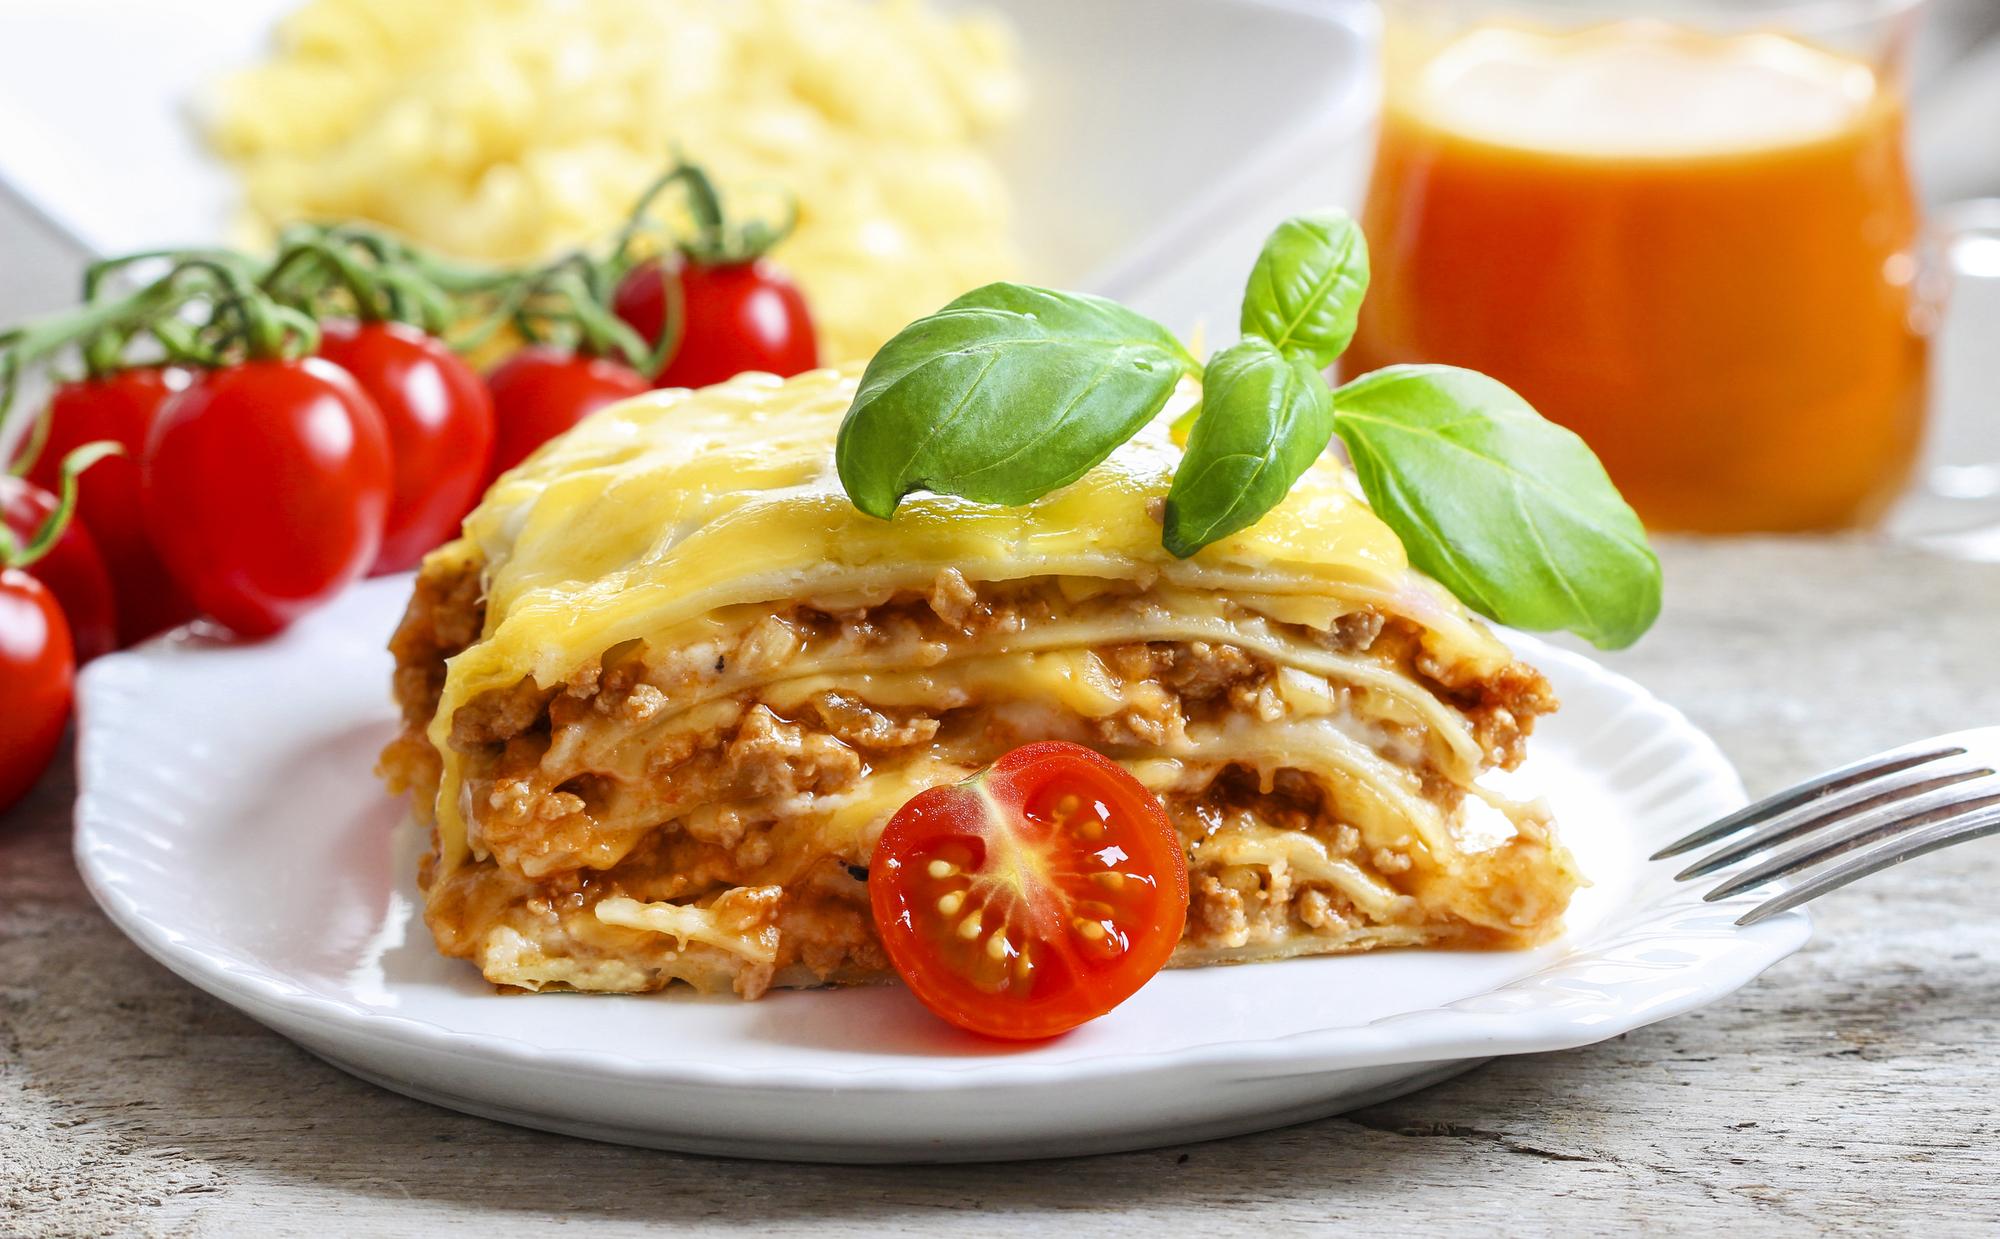 Лазанья с мясом: Топ-3 вкусные идеи